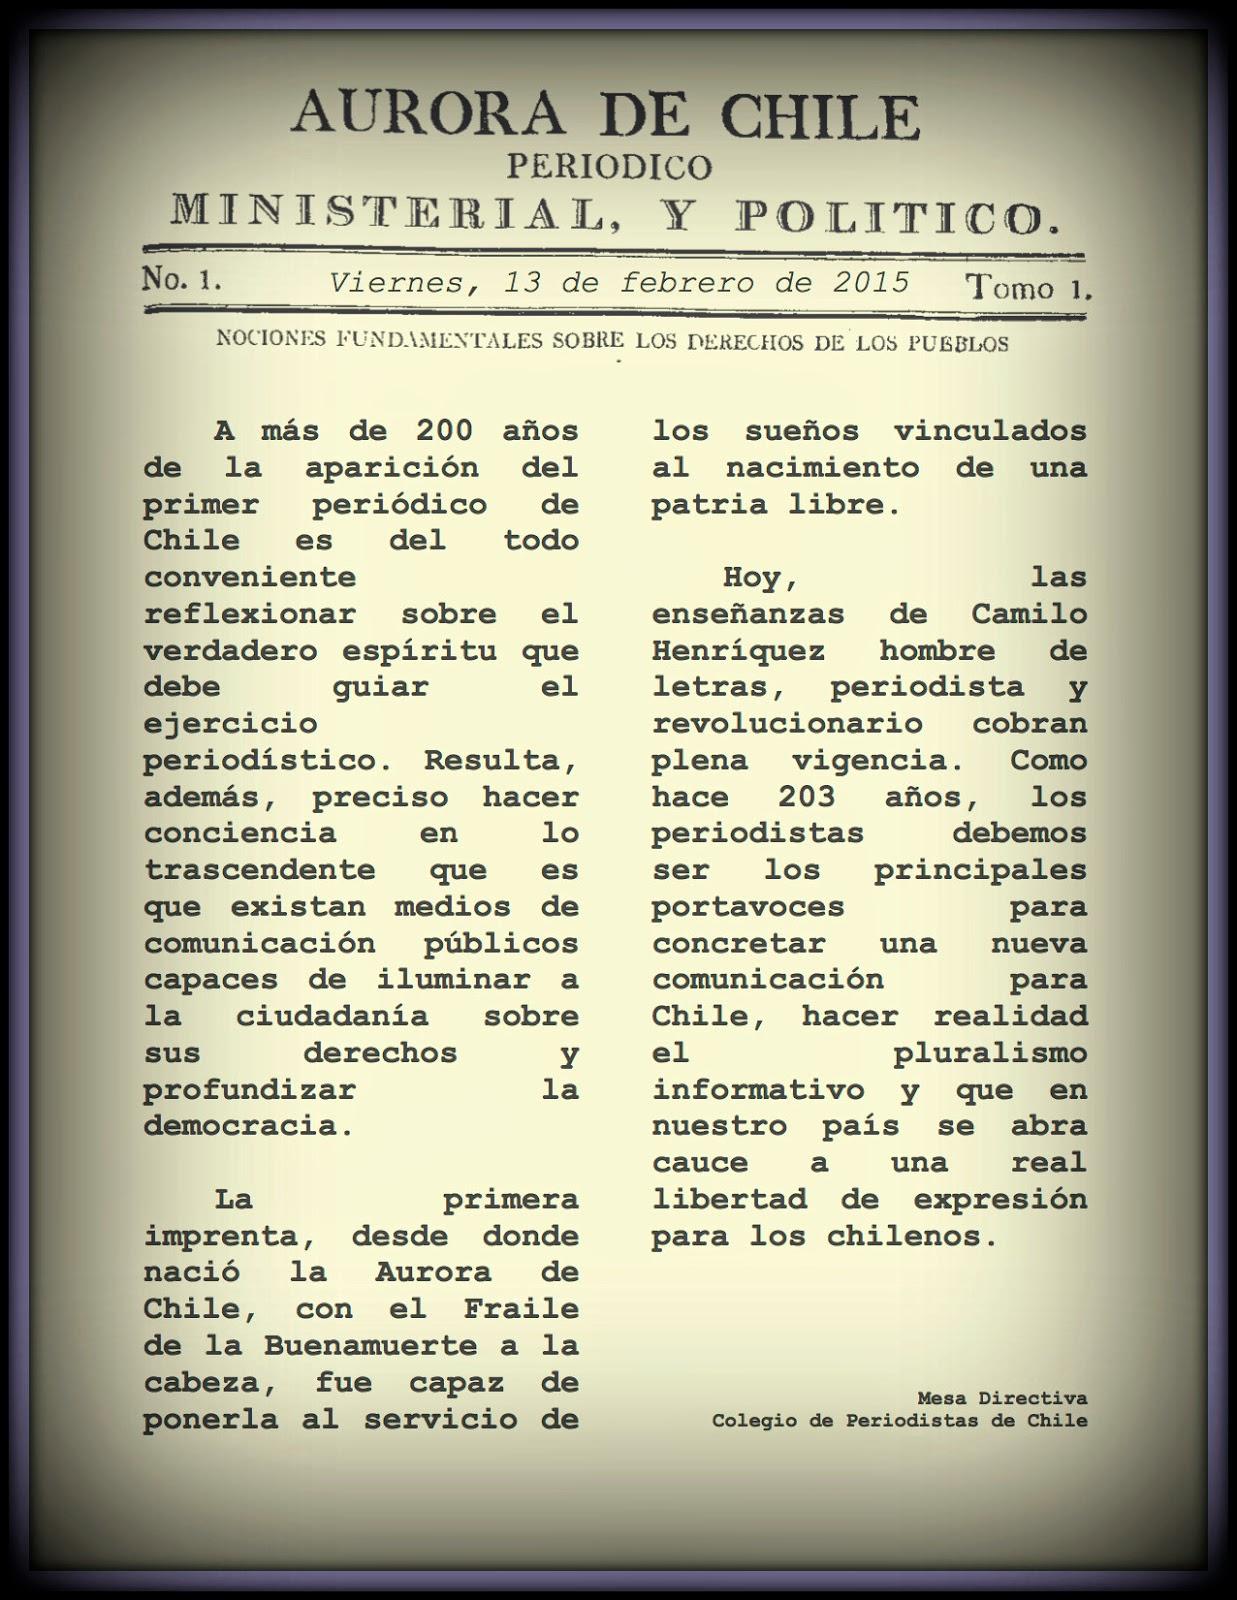 Saludo Colegio de Periodistas de Chile por el Día Nacional de la Prensa (13 de febrero)